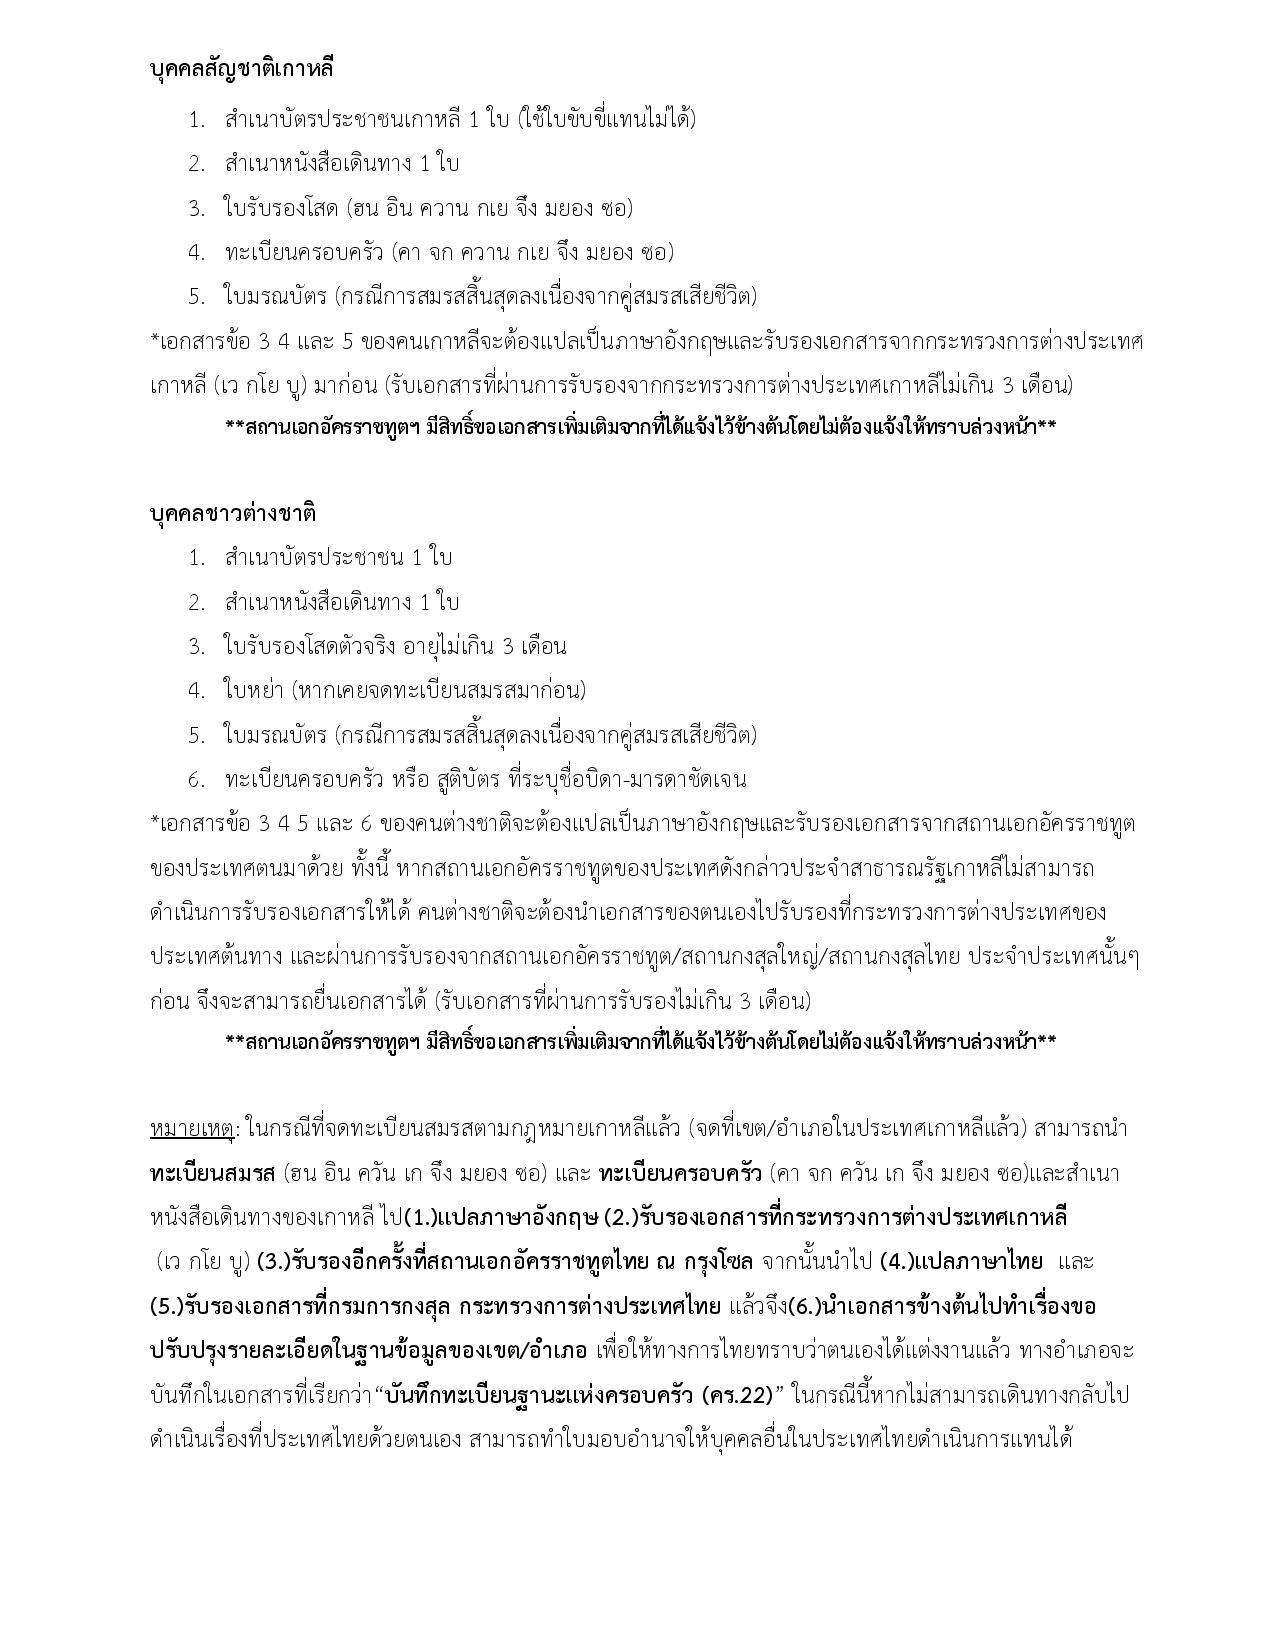 การจดทะเบียนสมรส_TH-KR-page-002